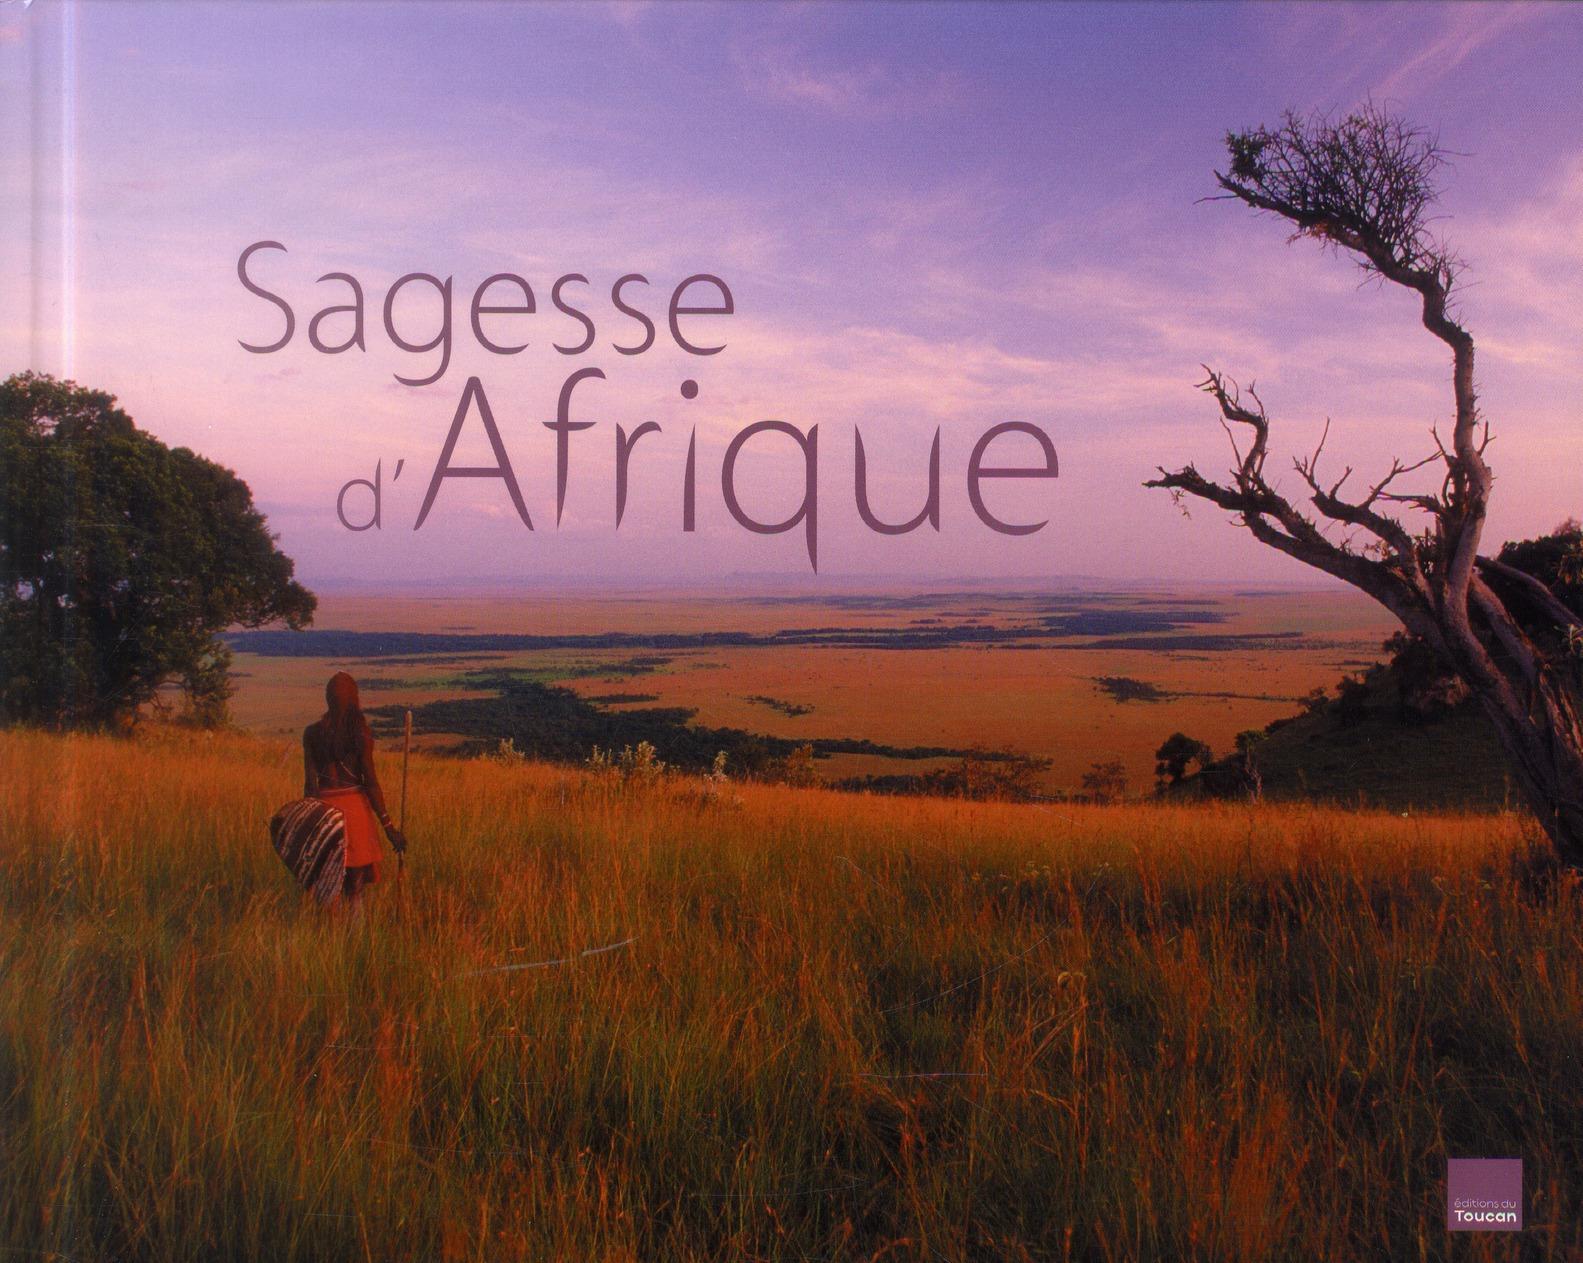 SAGESSE D'AFRIQUE